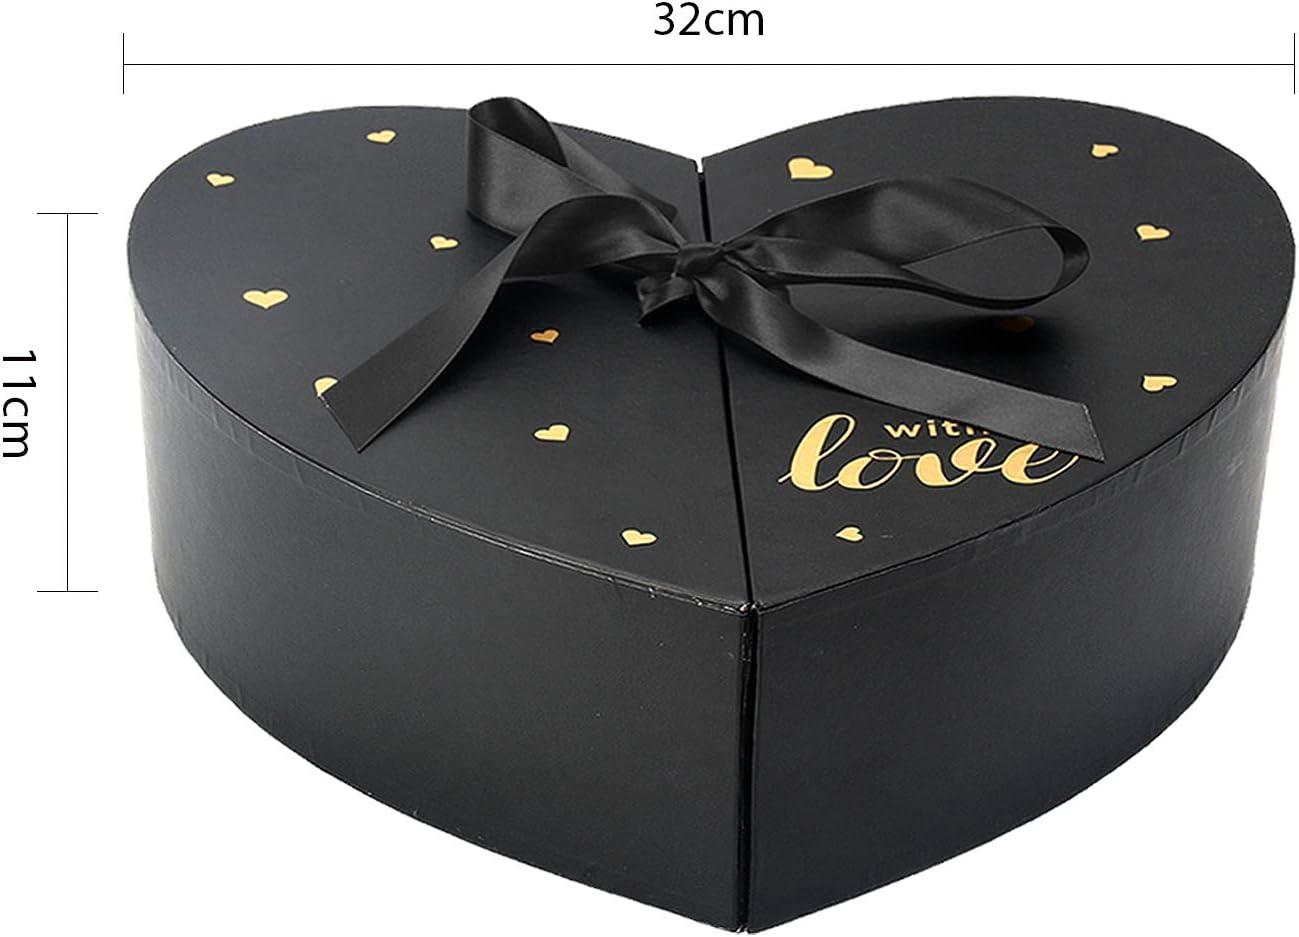 Carton Bo/îtes Rondes /à Fleurs avec Couvercle et Ruban Bo/îte de Rangement Coffret Mariage pour Saint Valentin Anniversaire No/ël Ideal pour Bijoux Bonbons VEESUN Boite Cadeau Vide Forme de Amour